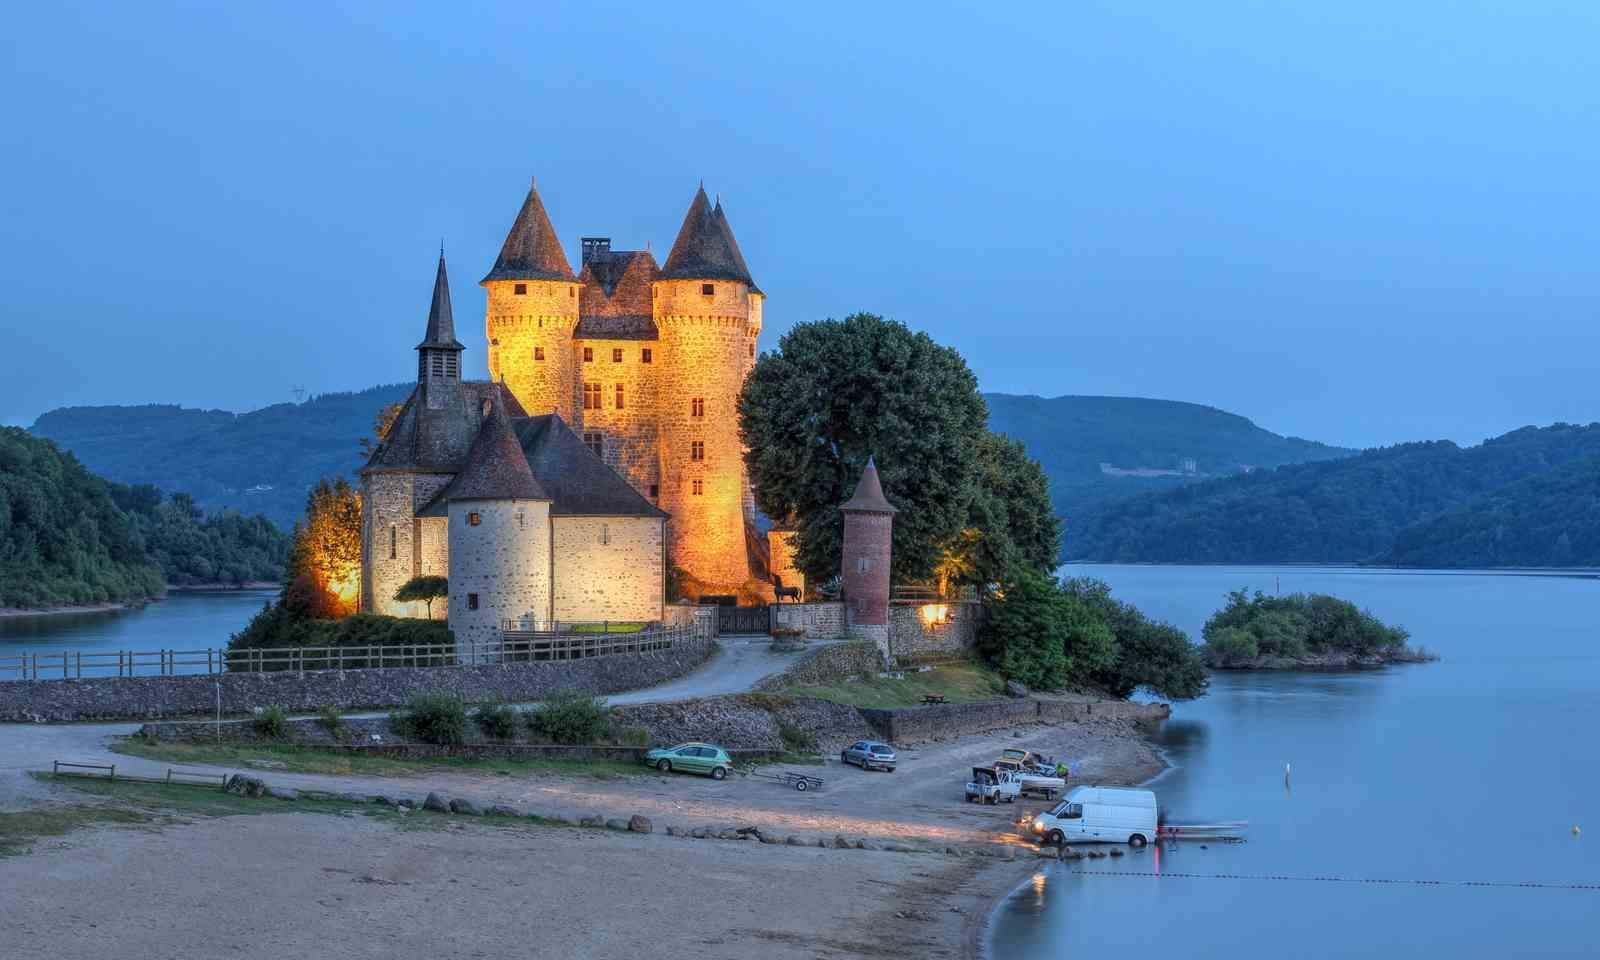 Chateau de Val (Dreamstime)